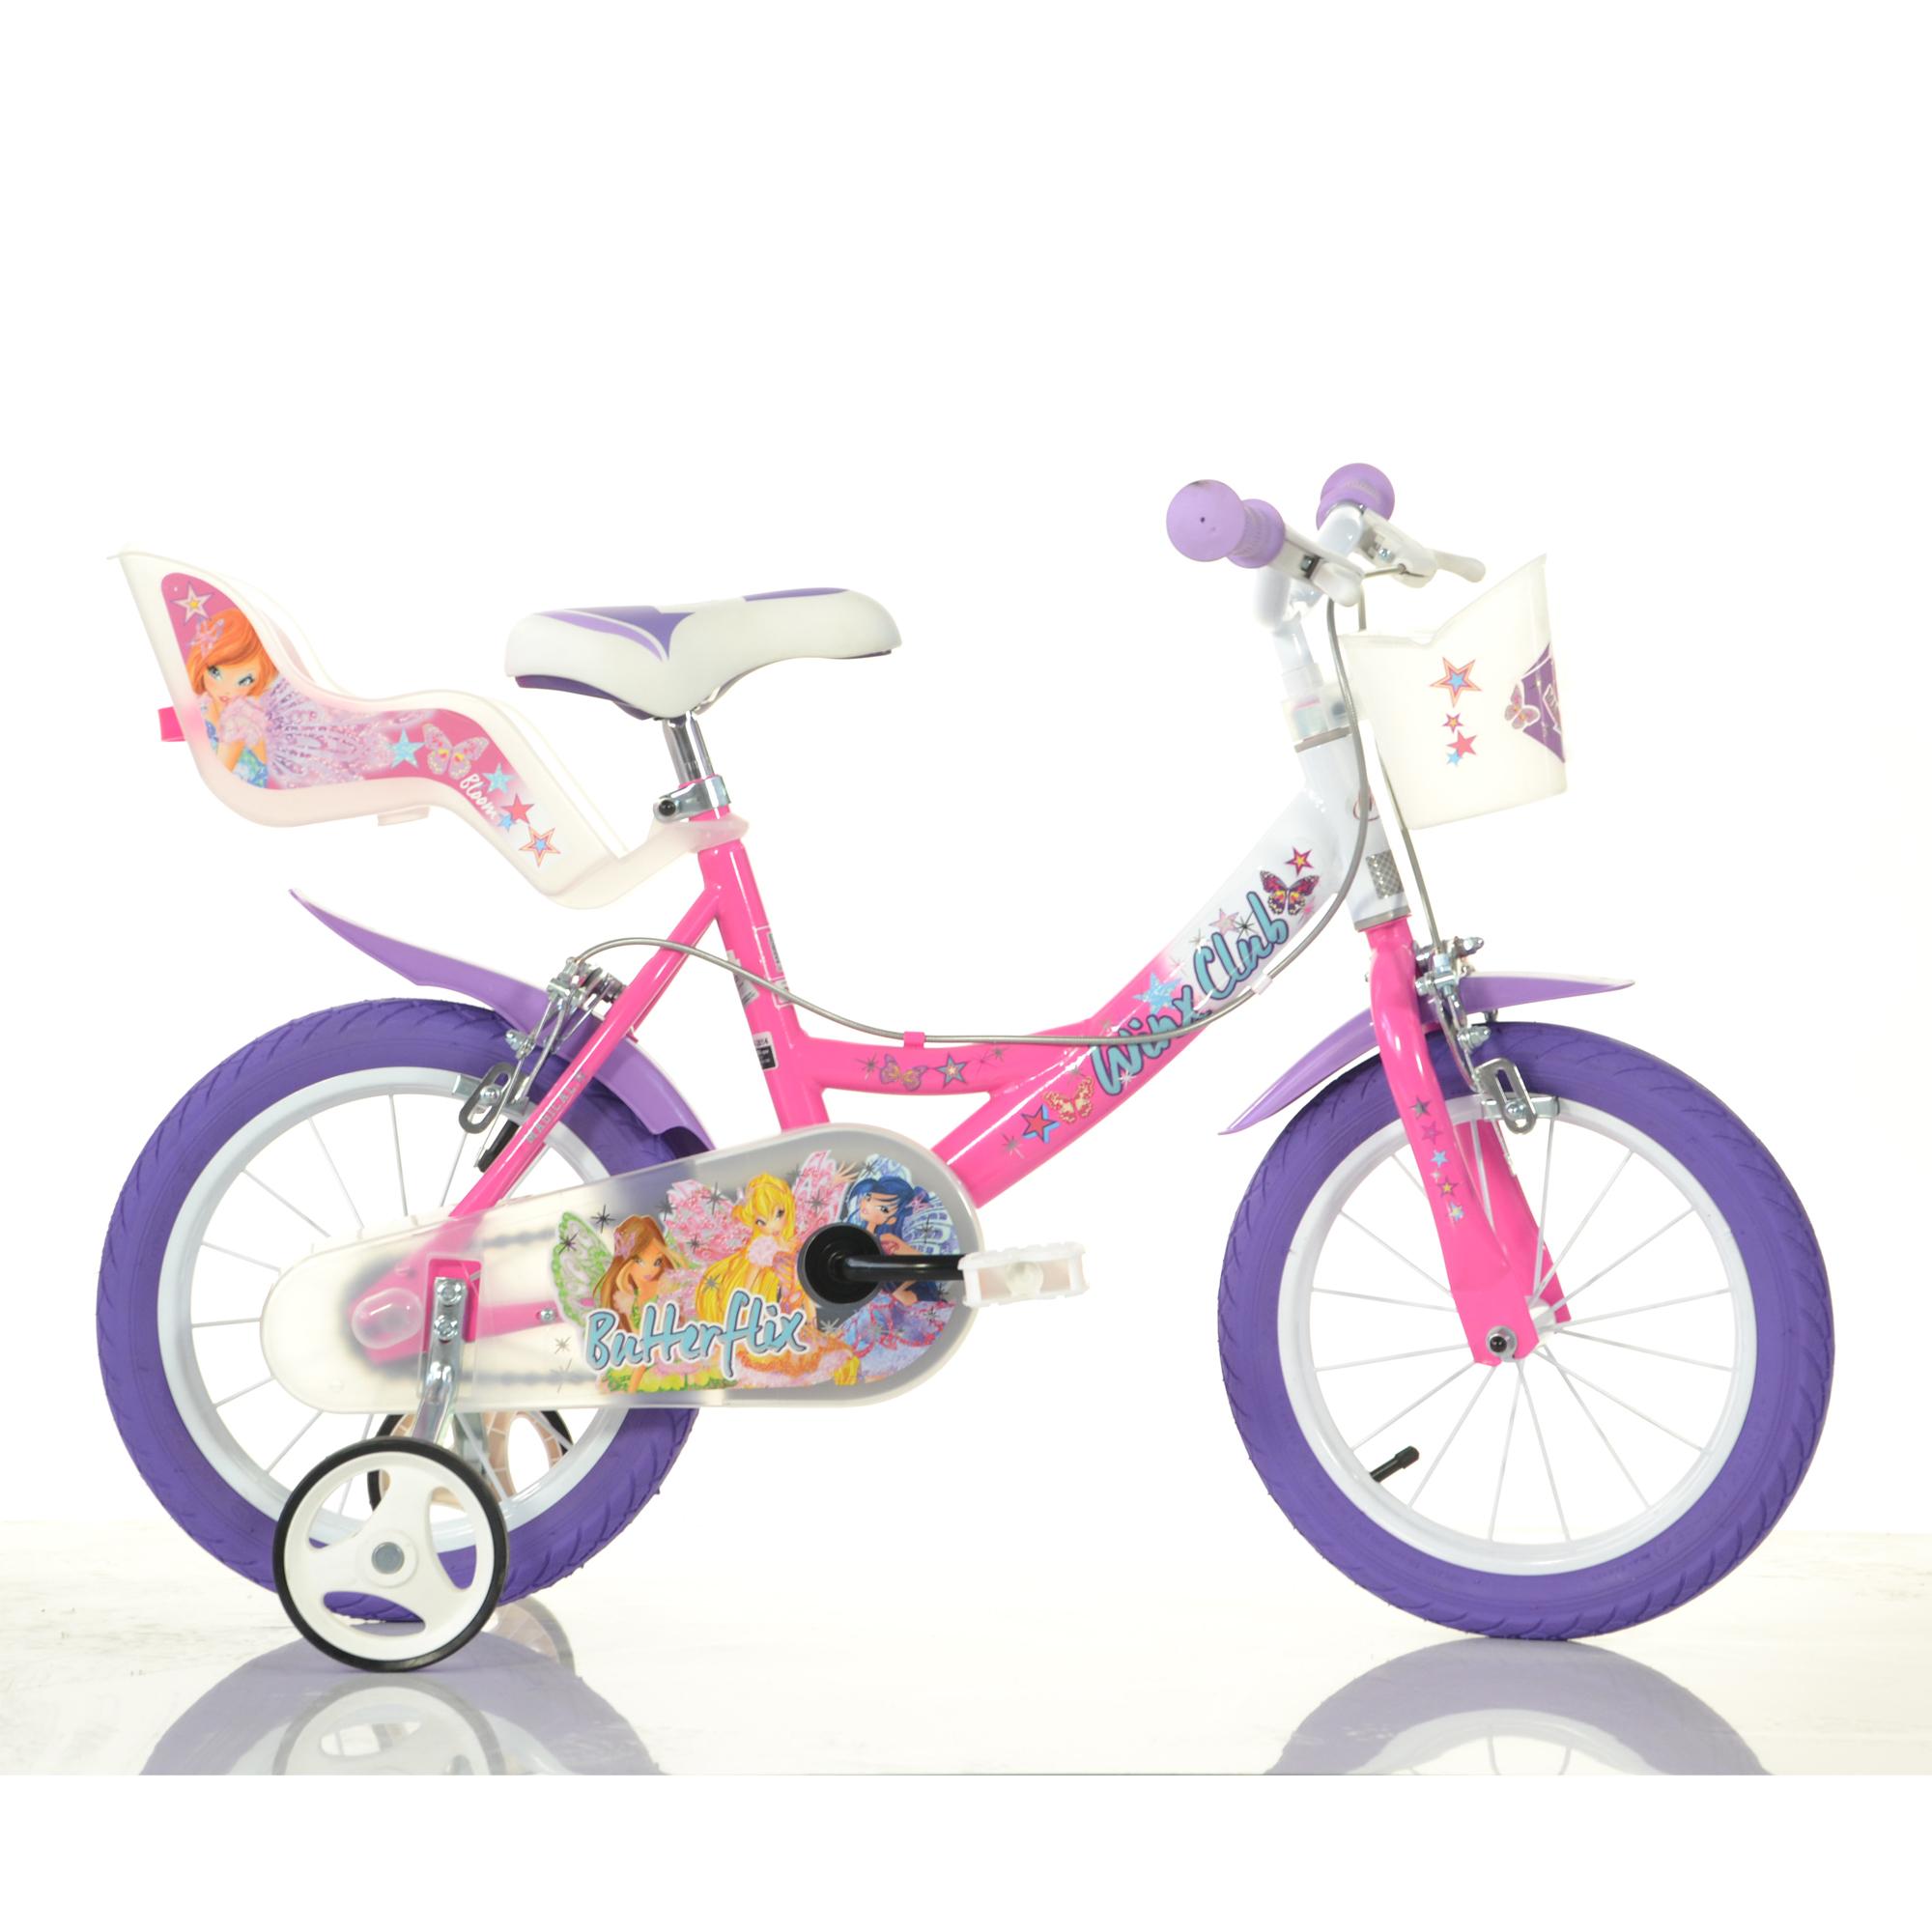 Bicicletta Winx 16